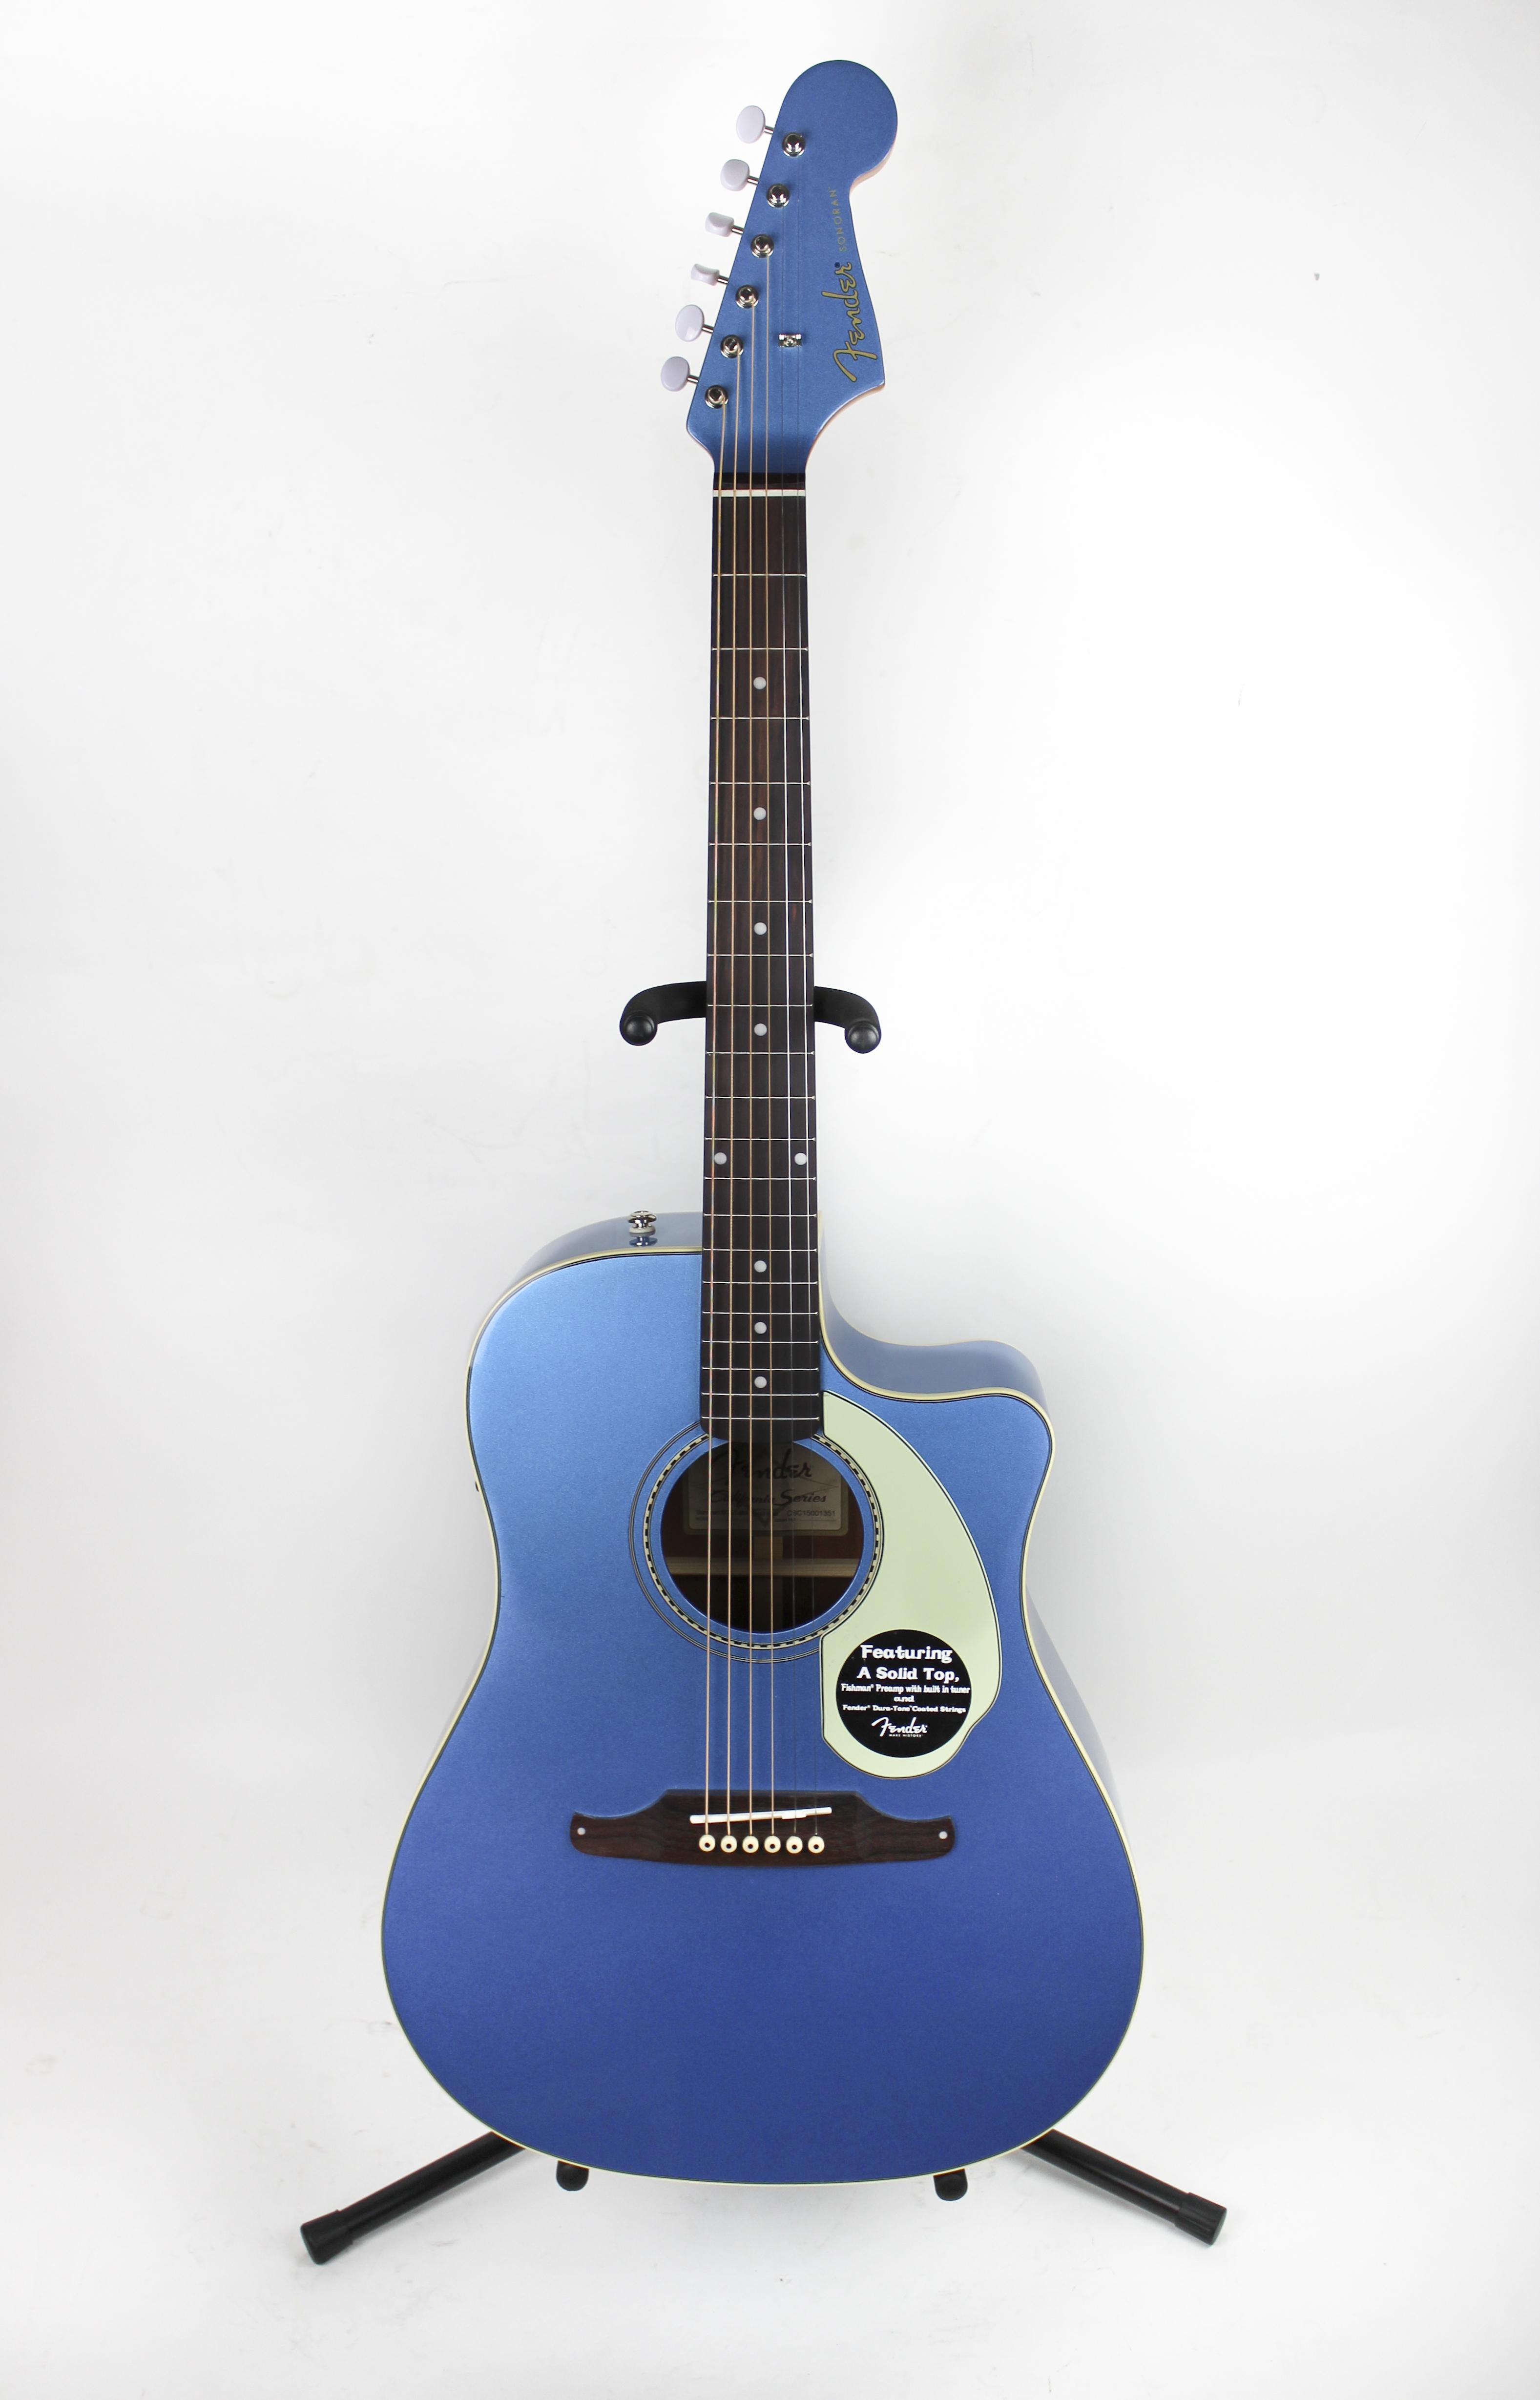 fender sonoran sce acoustic electric guitar lake placid blue v2 ebay. Black Bedroom Furniture Sets. Home Design Ideas